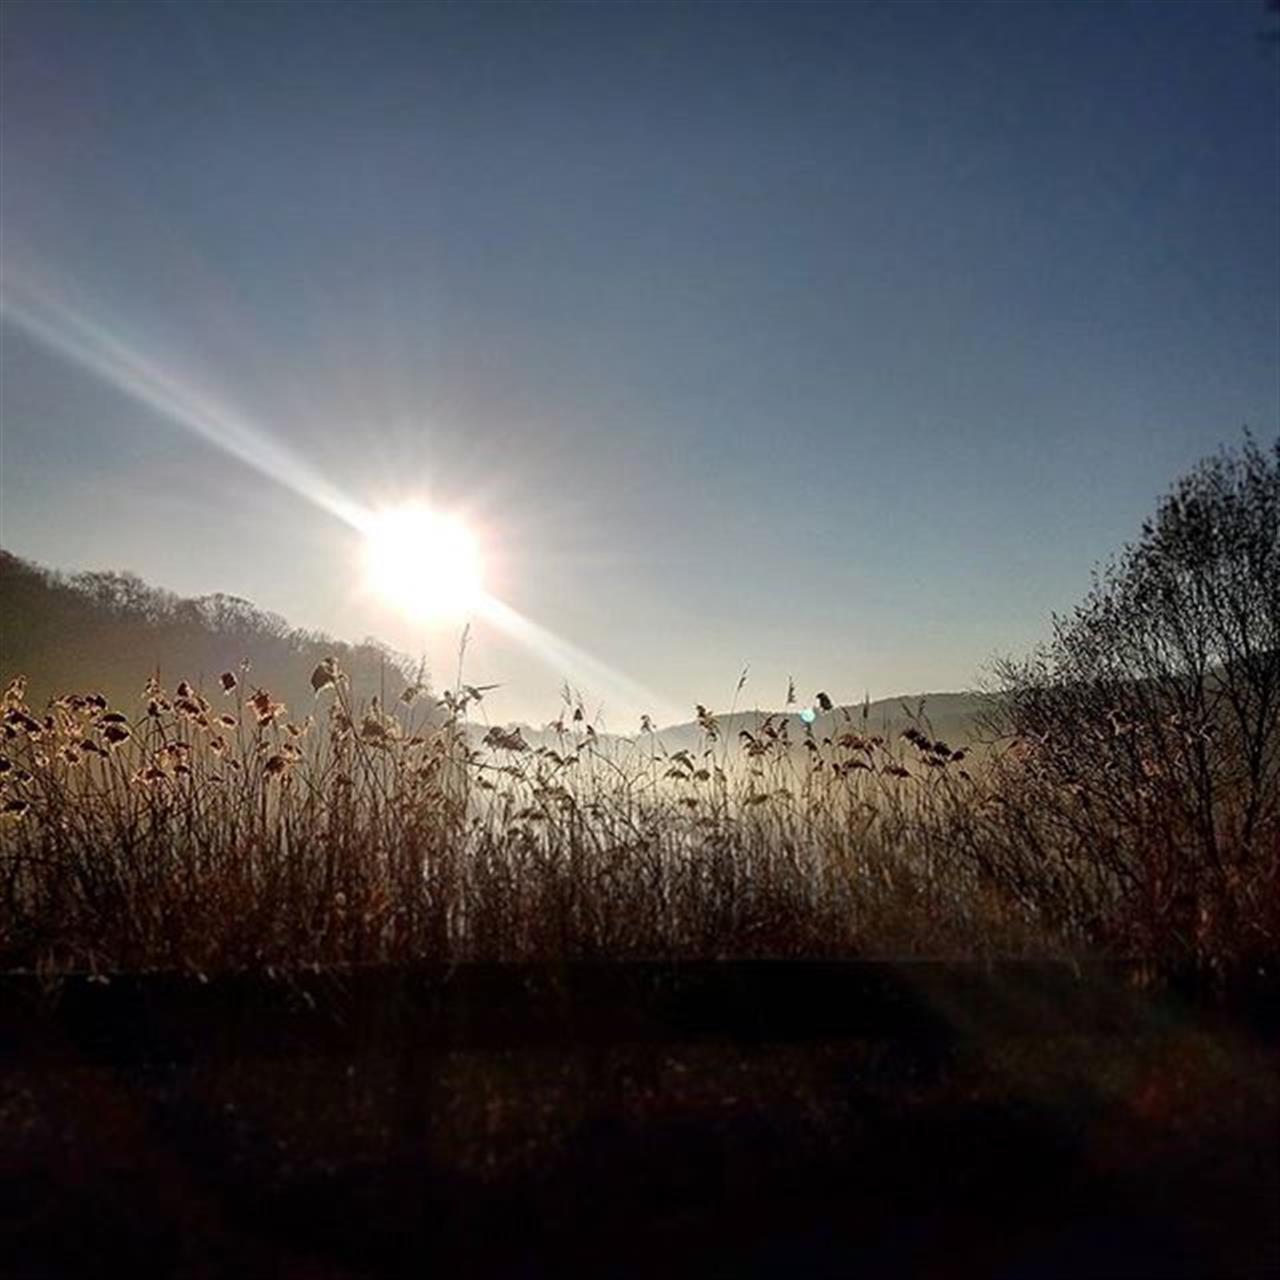 Sunrise over Lake Mamanasco, Ridgefield, CT #lakemamanasco #sellingridgefield #leadingrelocal #ridgefieldct